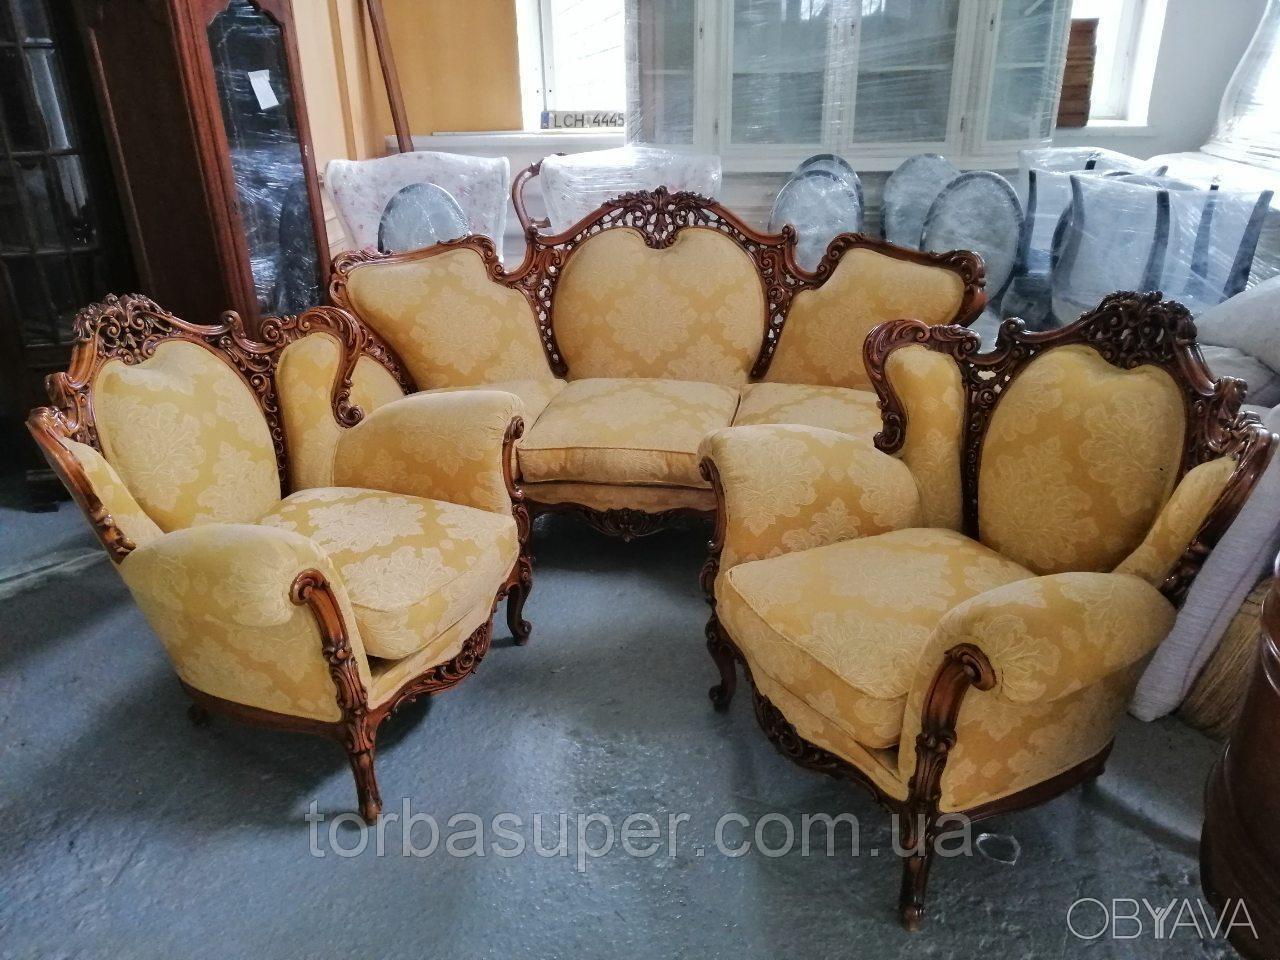 ᐈ диван и два кресла комплект мягкой мебели из италиибарокко ᐈ днепр 1300 Eur Obyavaua 4216836